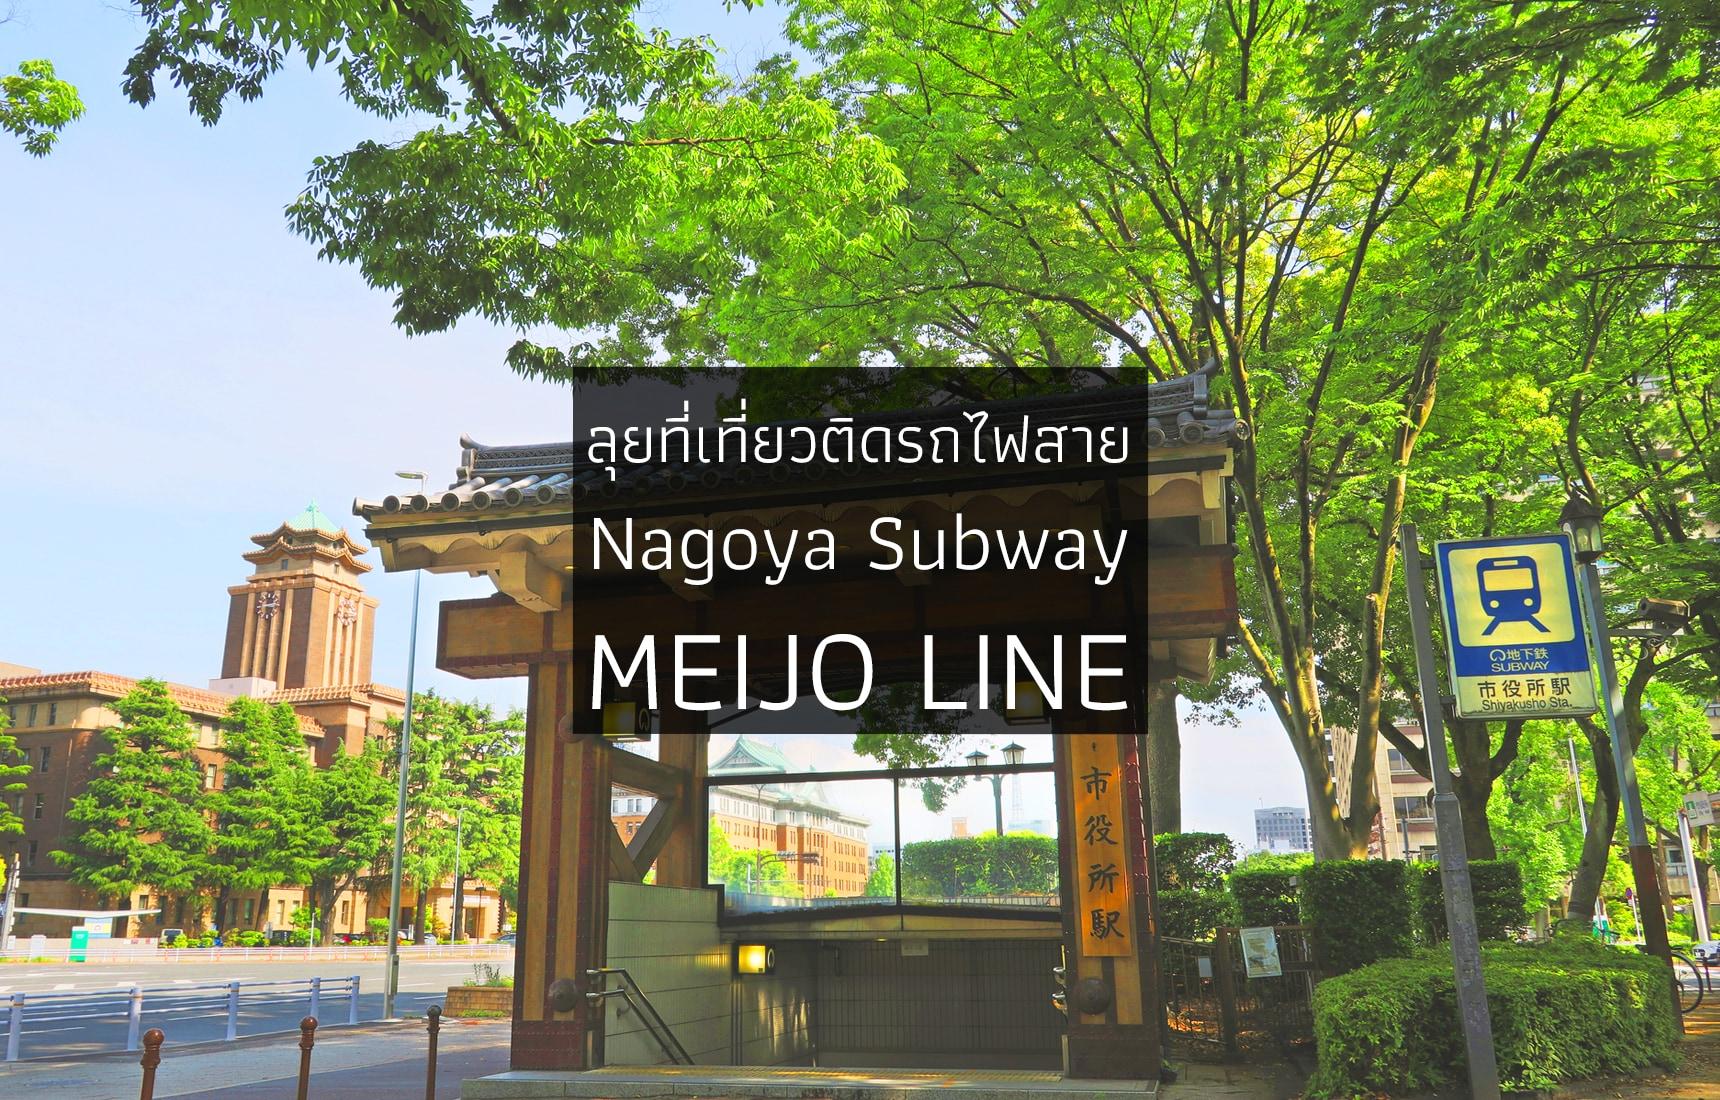 ลุยที่เที่ยวติดรถไฟสายNagoya Subway Meijo Line